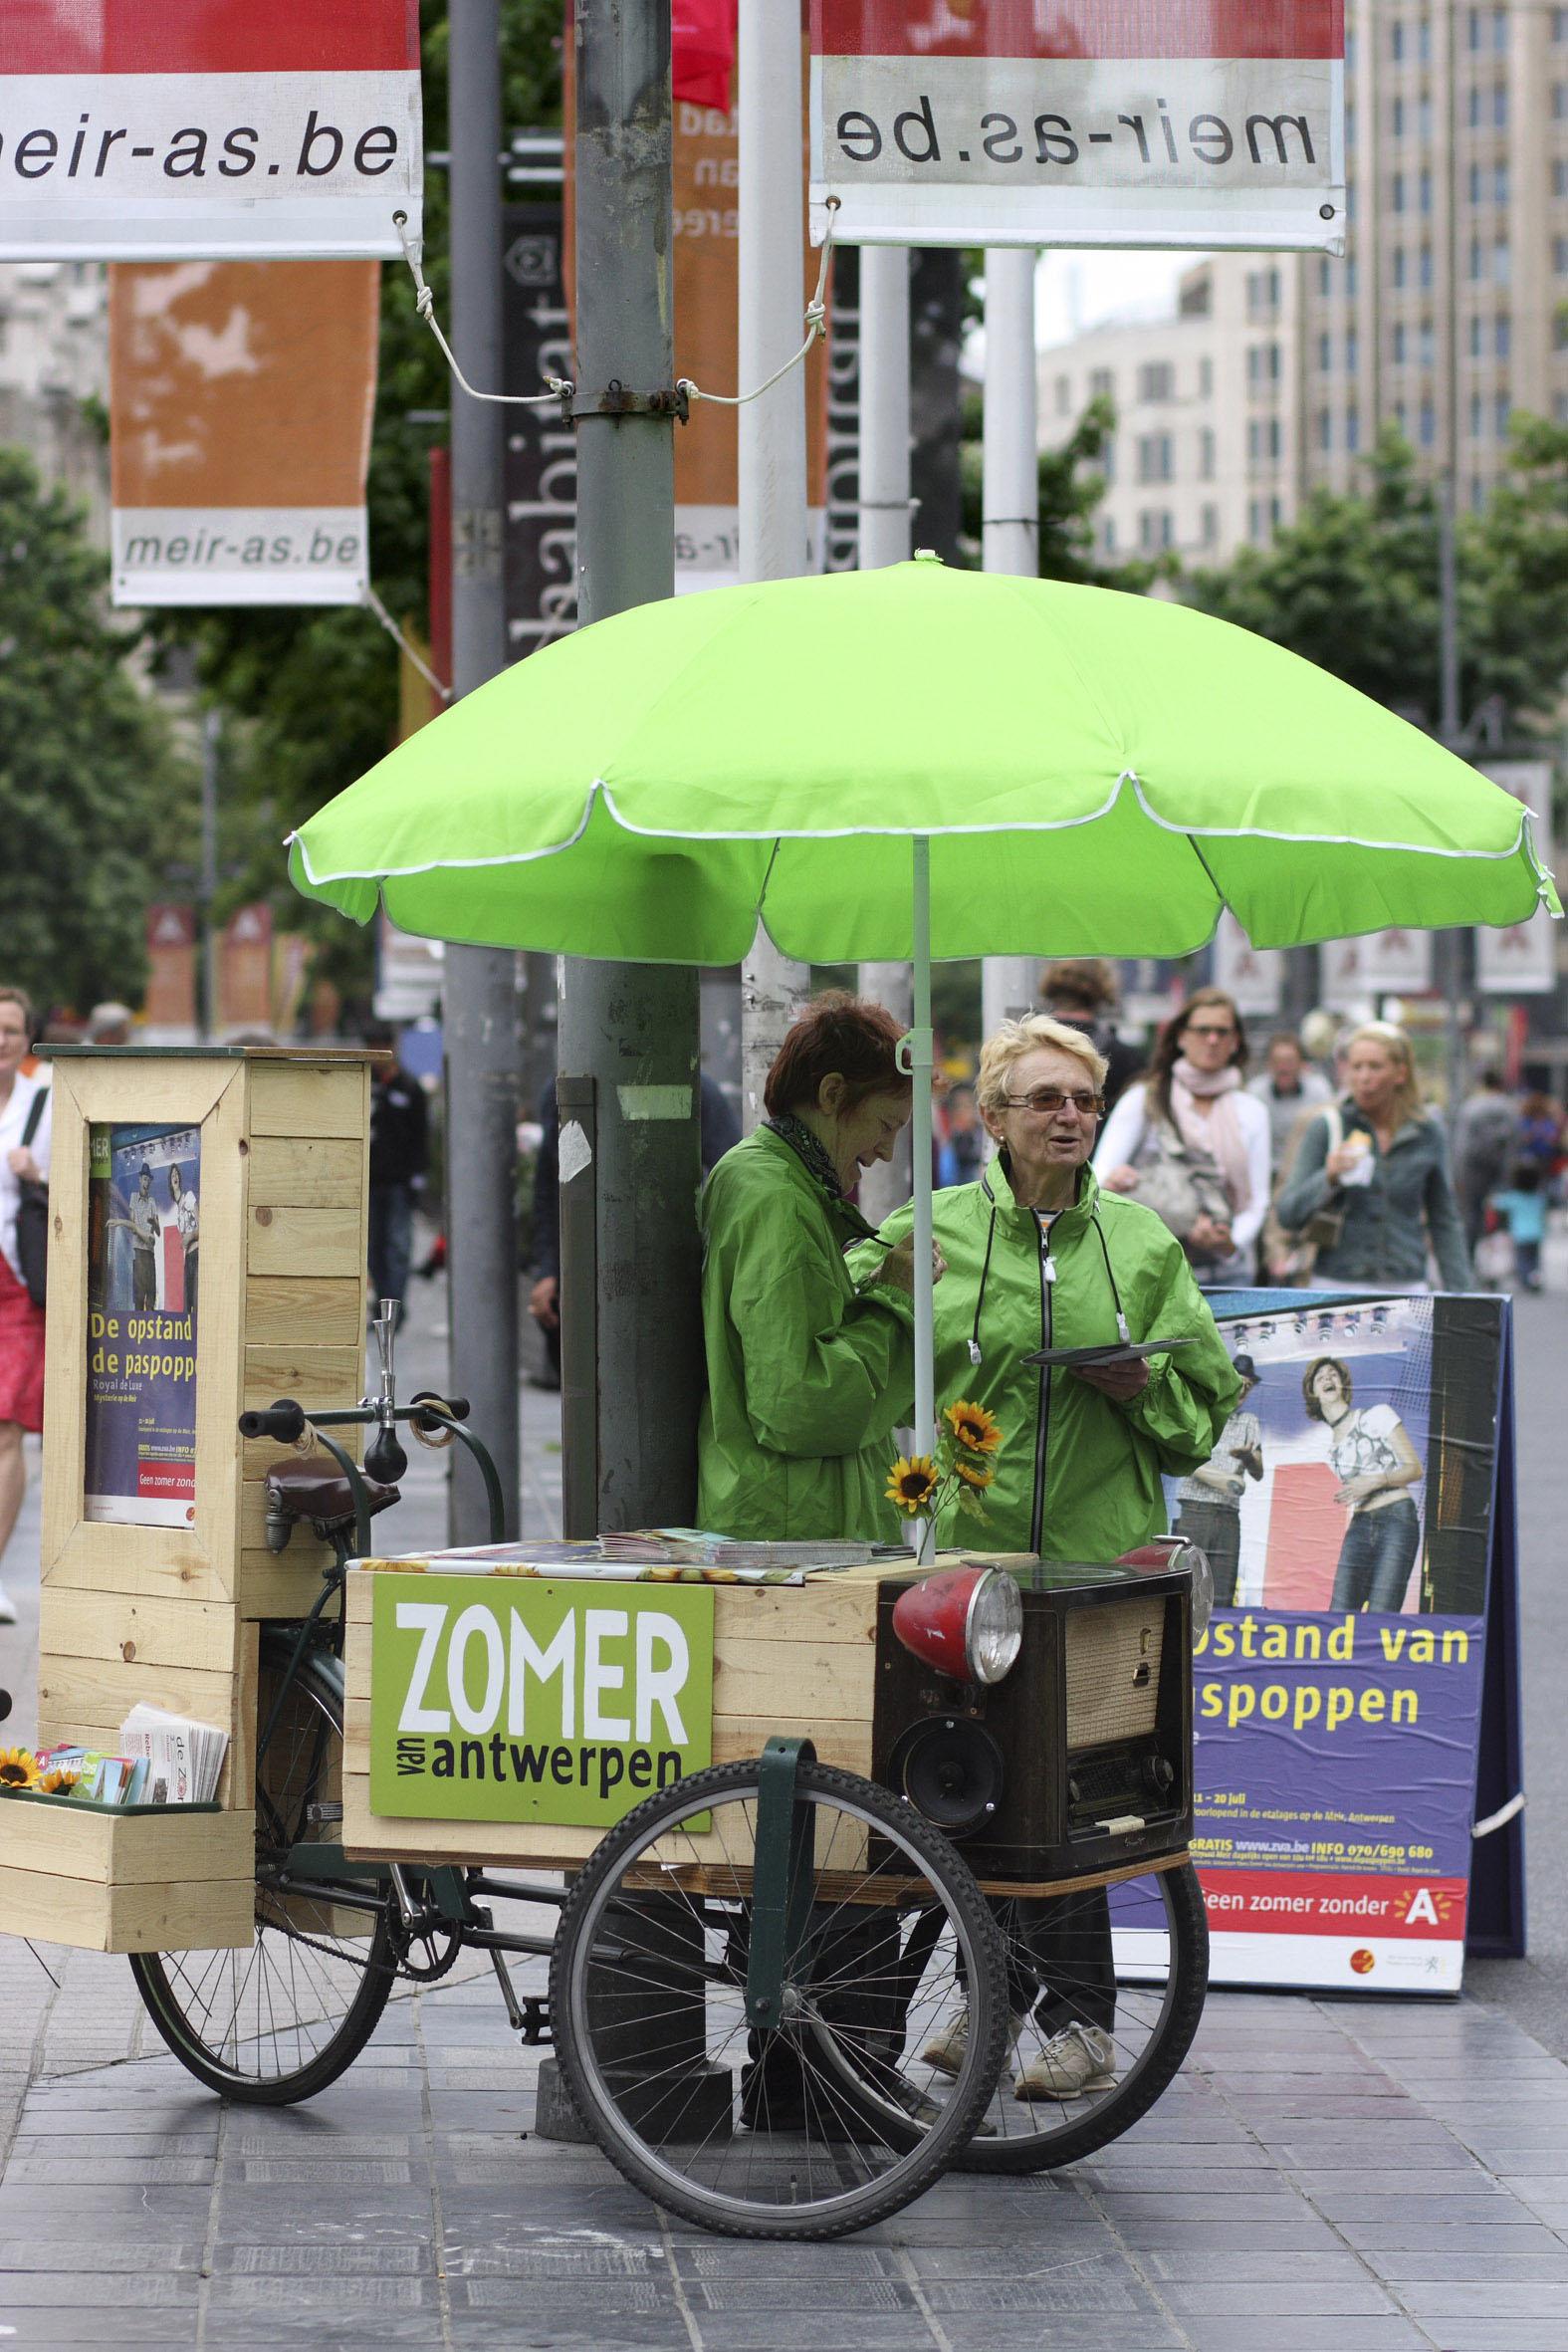 Zomer van Antwerpen fiets meir